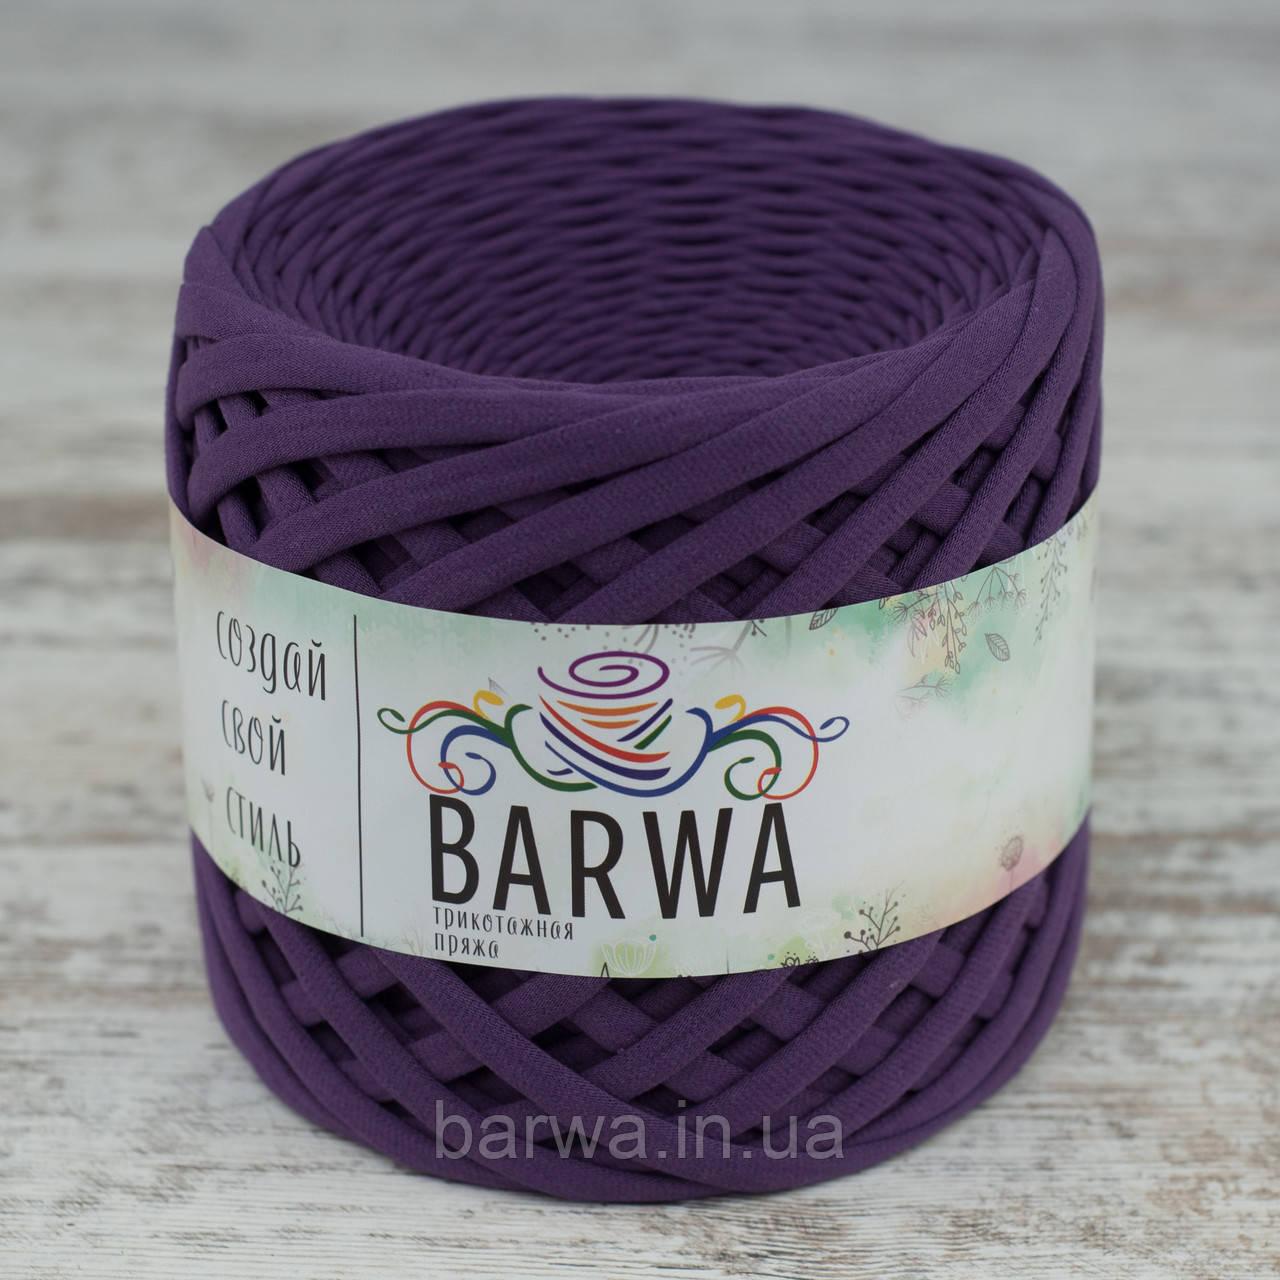 Трикотажная пряжа BARWA standart 7-9 мм, цвет Виноградный